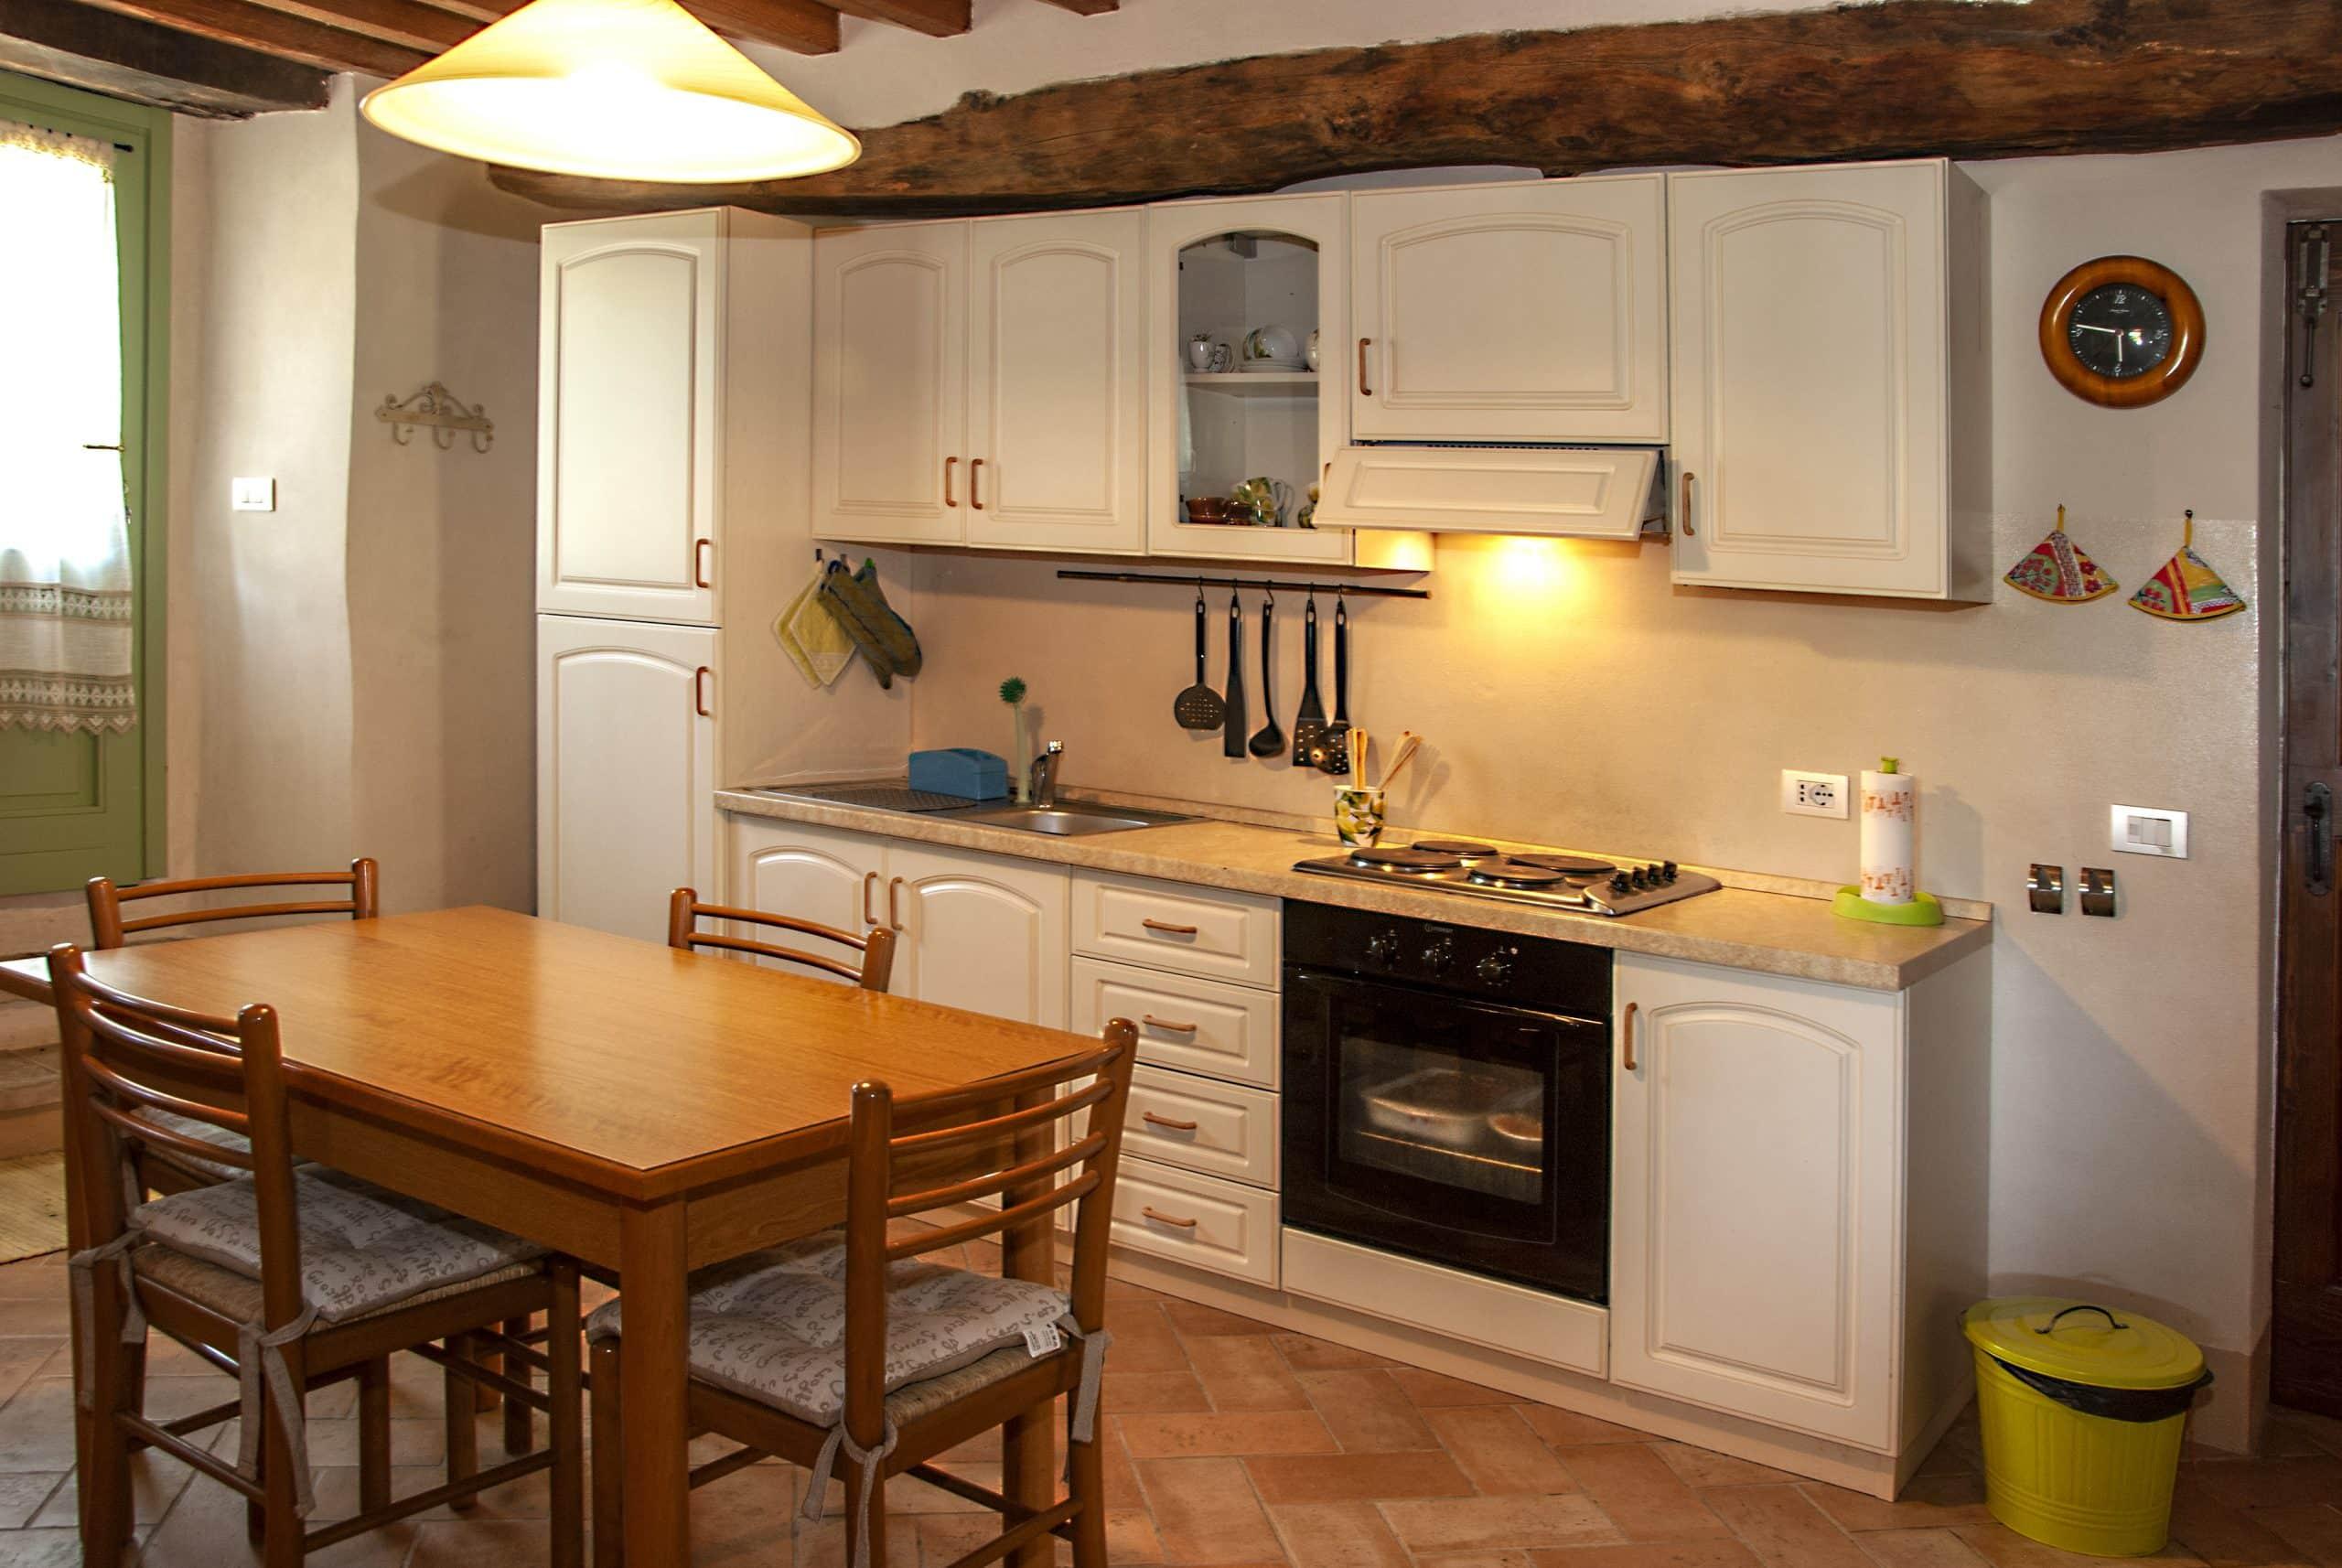 Keuken Le Avellane